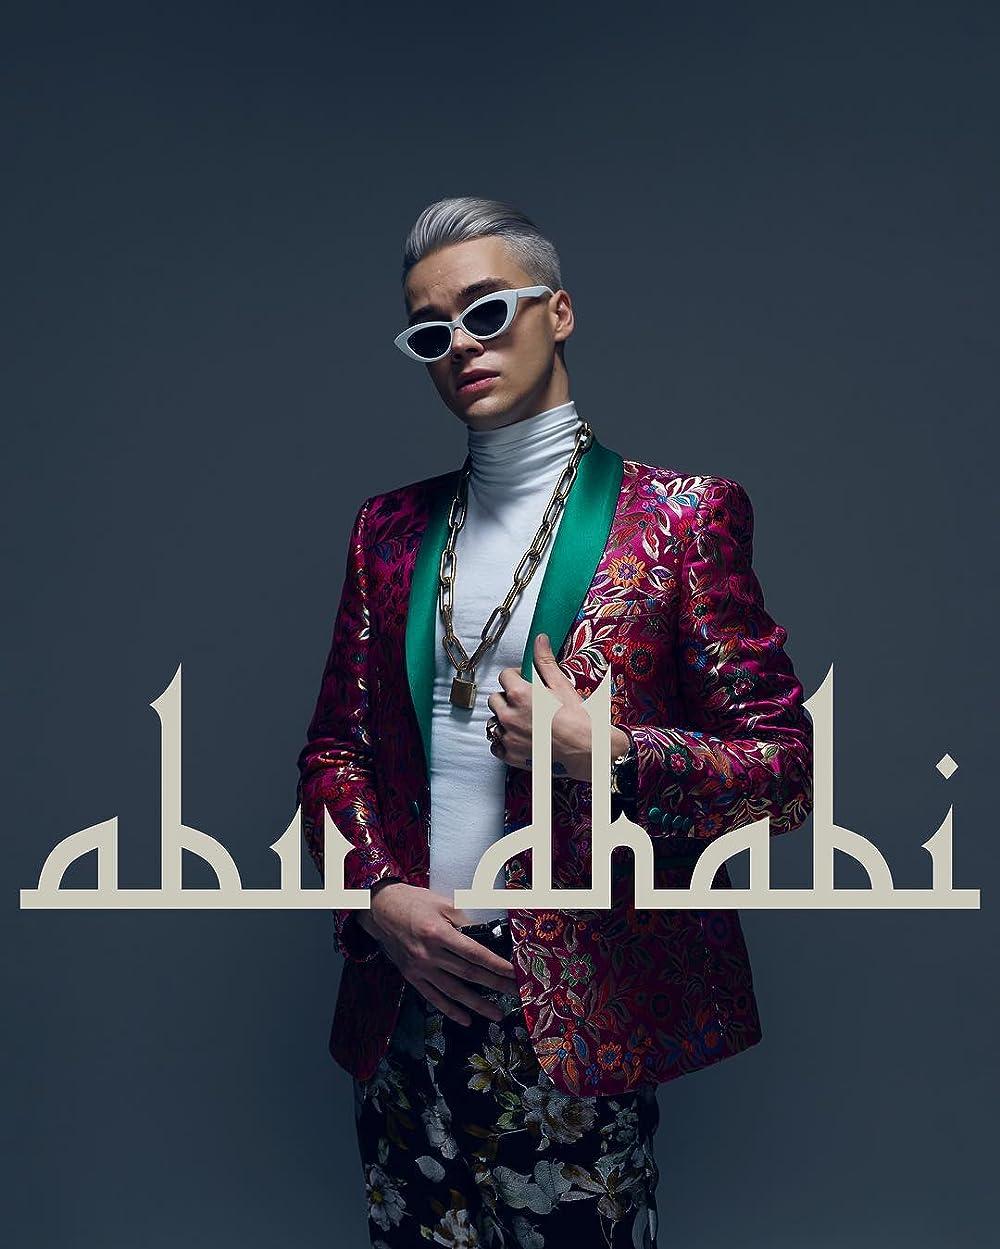 Mikolas Josef: Abu Dhabi 2019